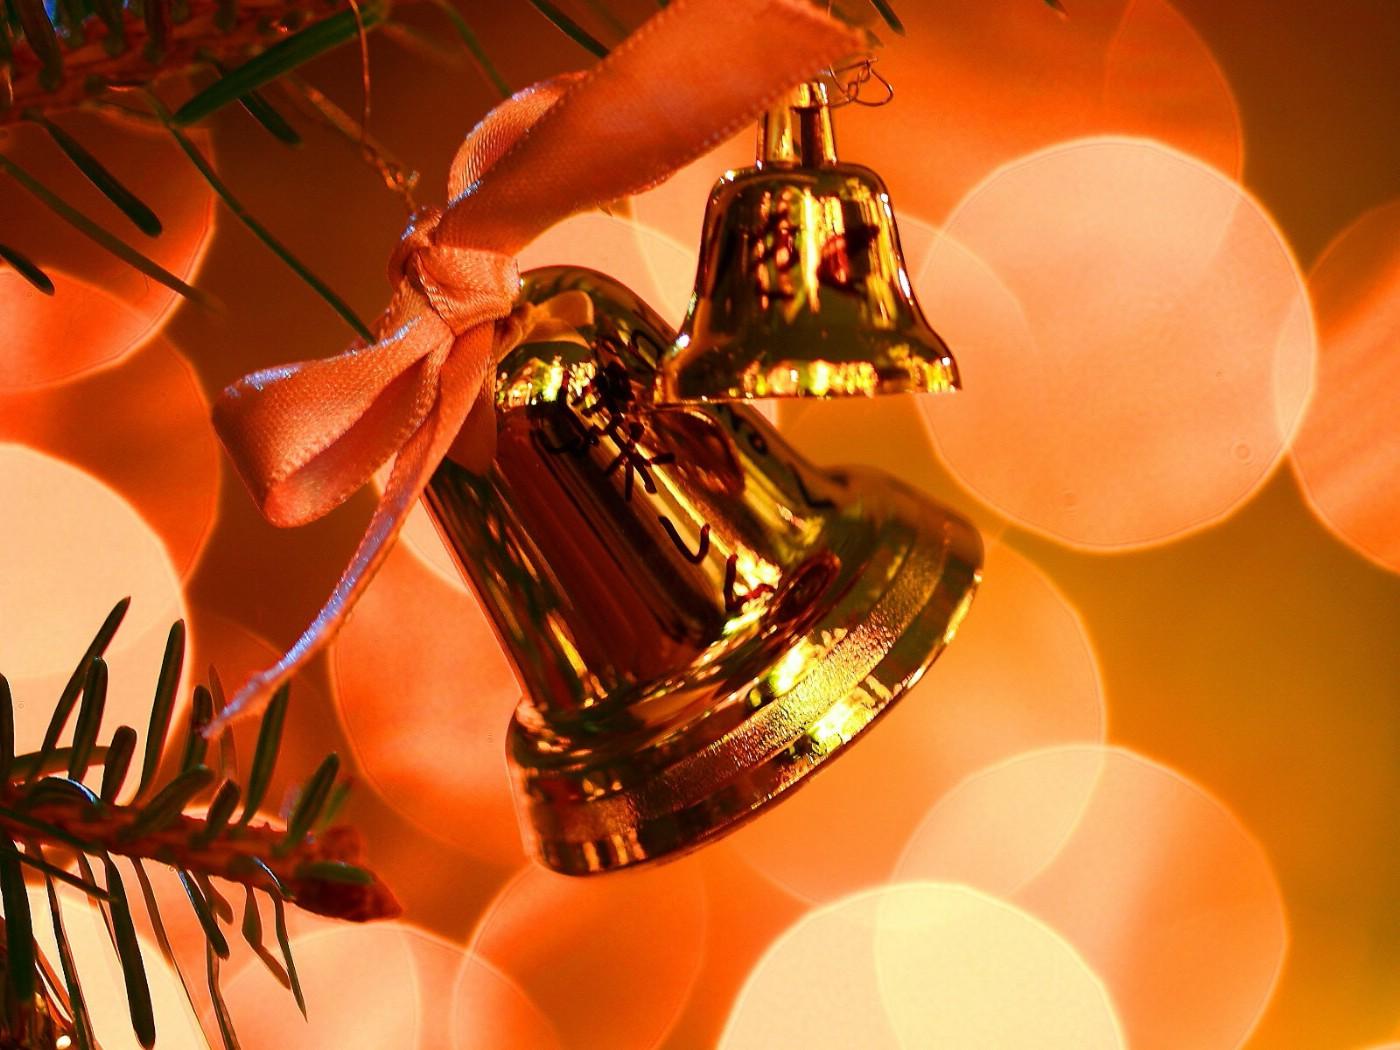 壁纸1400×1050圣诞节装饰 壁纸14壁纸 圣诞节装饰壁纸图片建筑壁纸建筑图片素材桌面壁纸